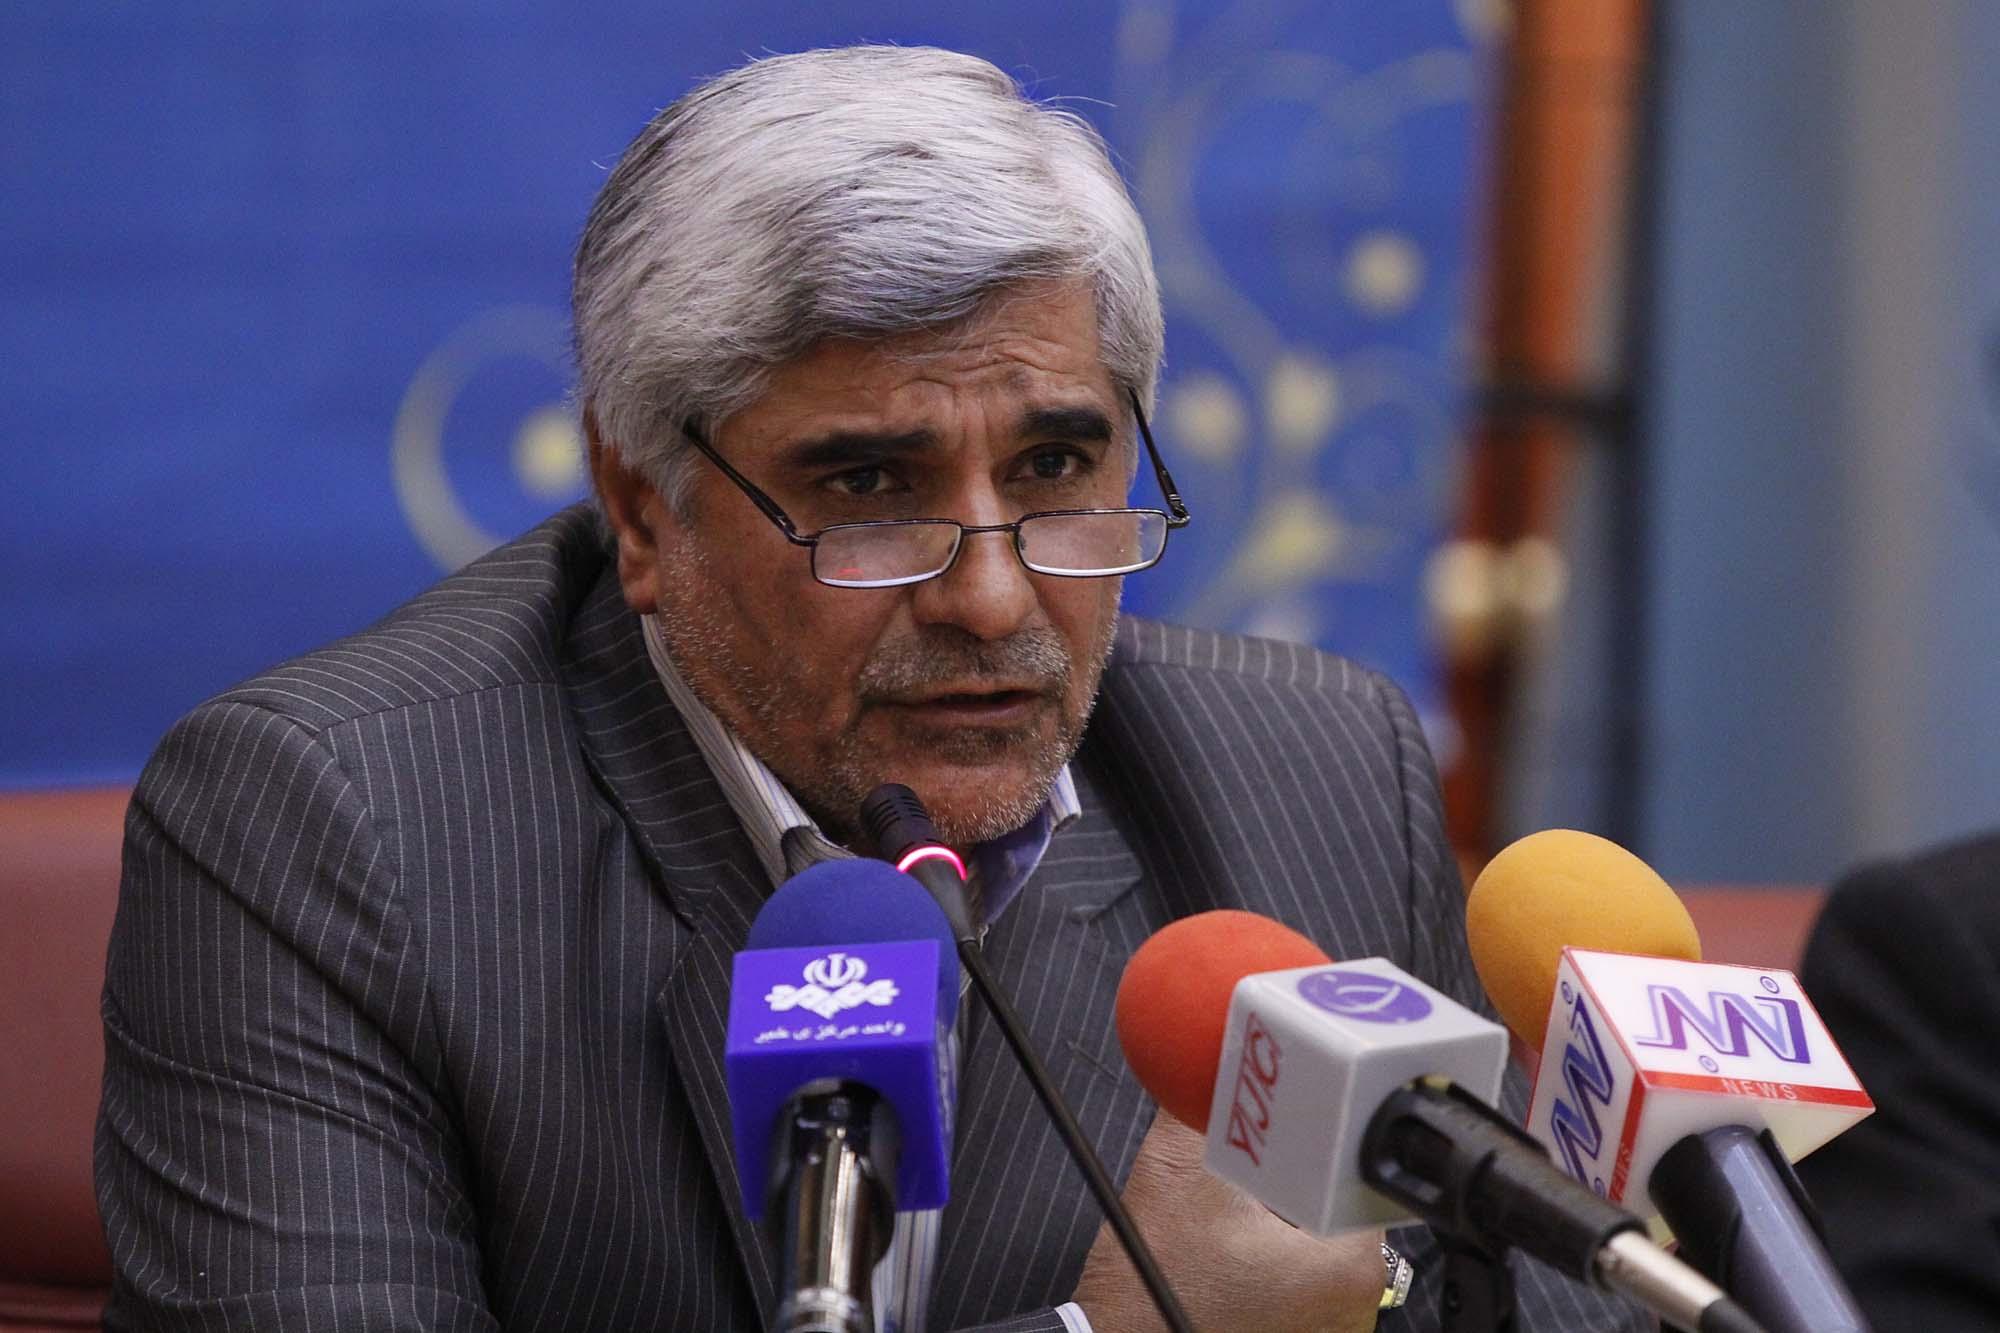 وزیر علوم، تحقیقات و فناوری: آزمون دکتری ۹۶ بر اساس قانون جدید برگزار خواهد شد